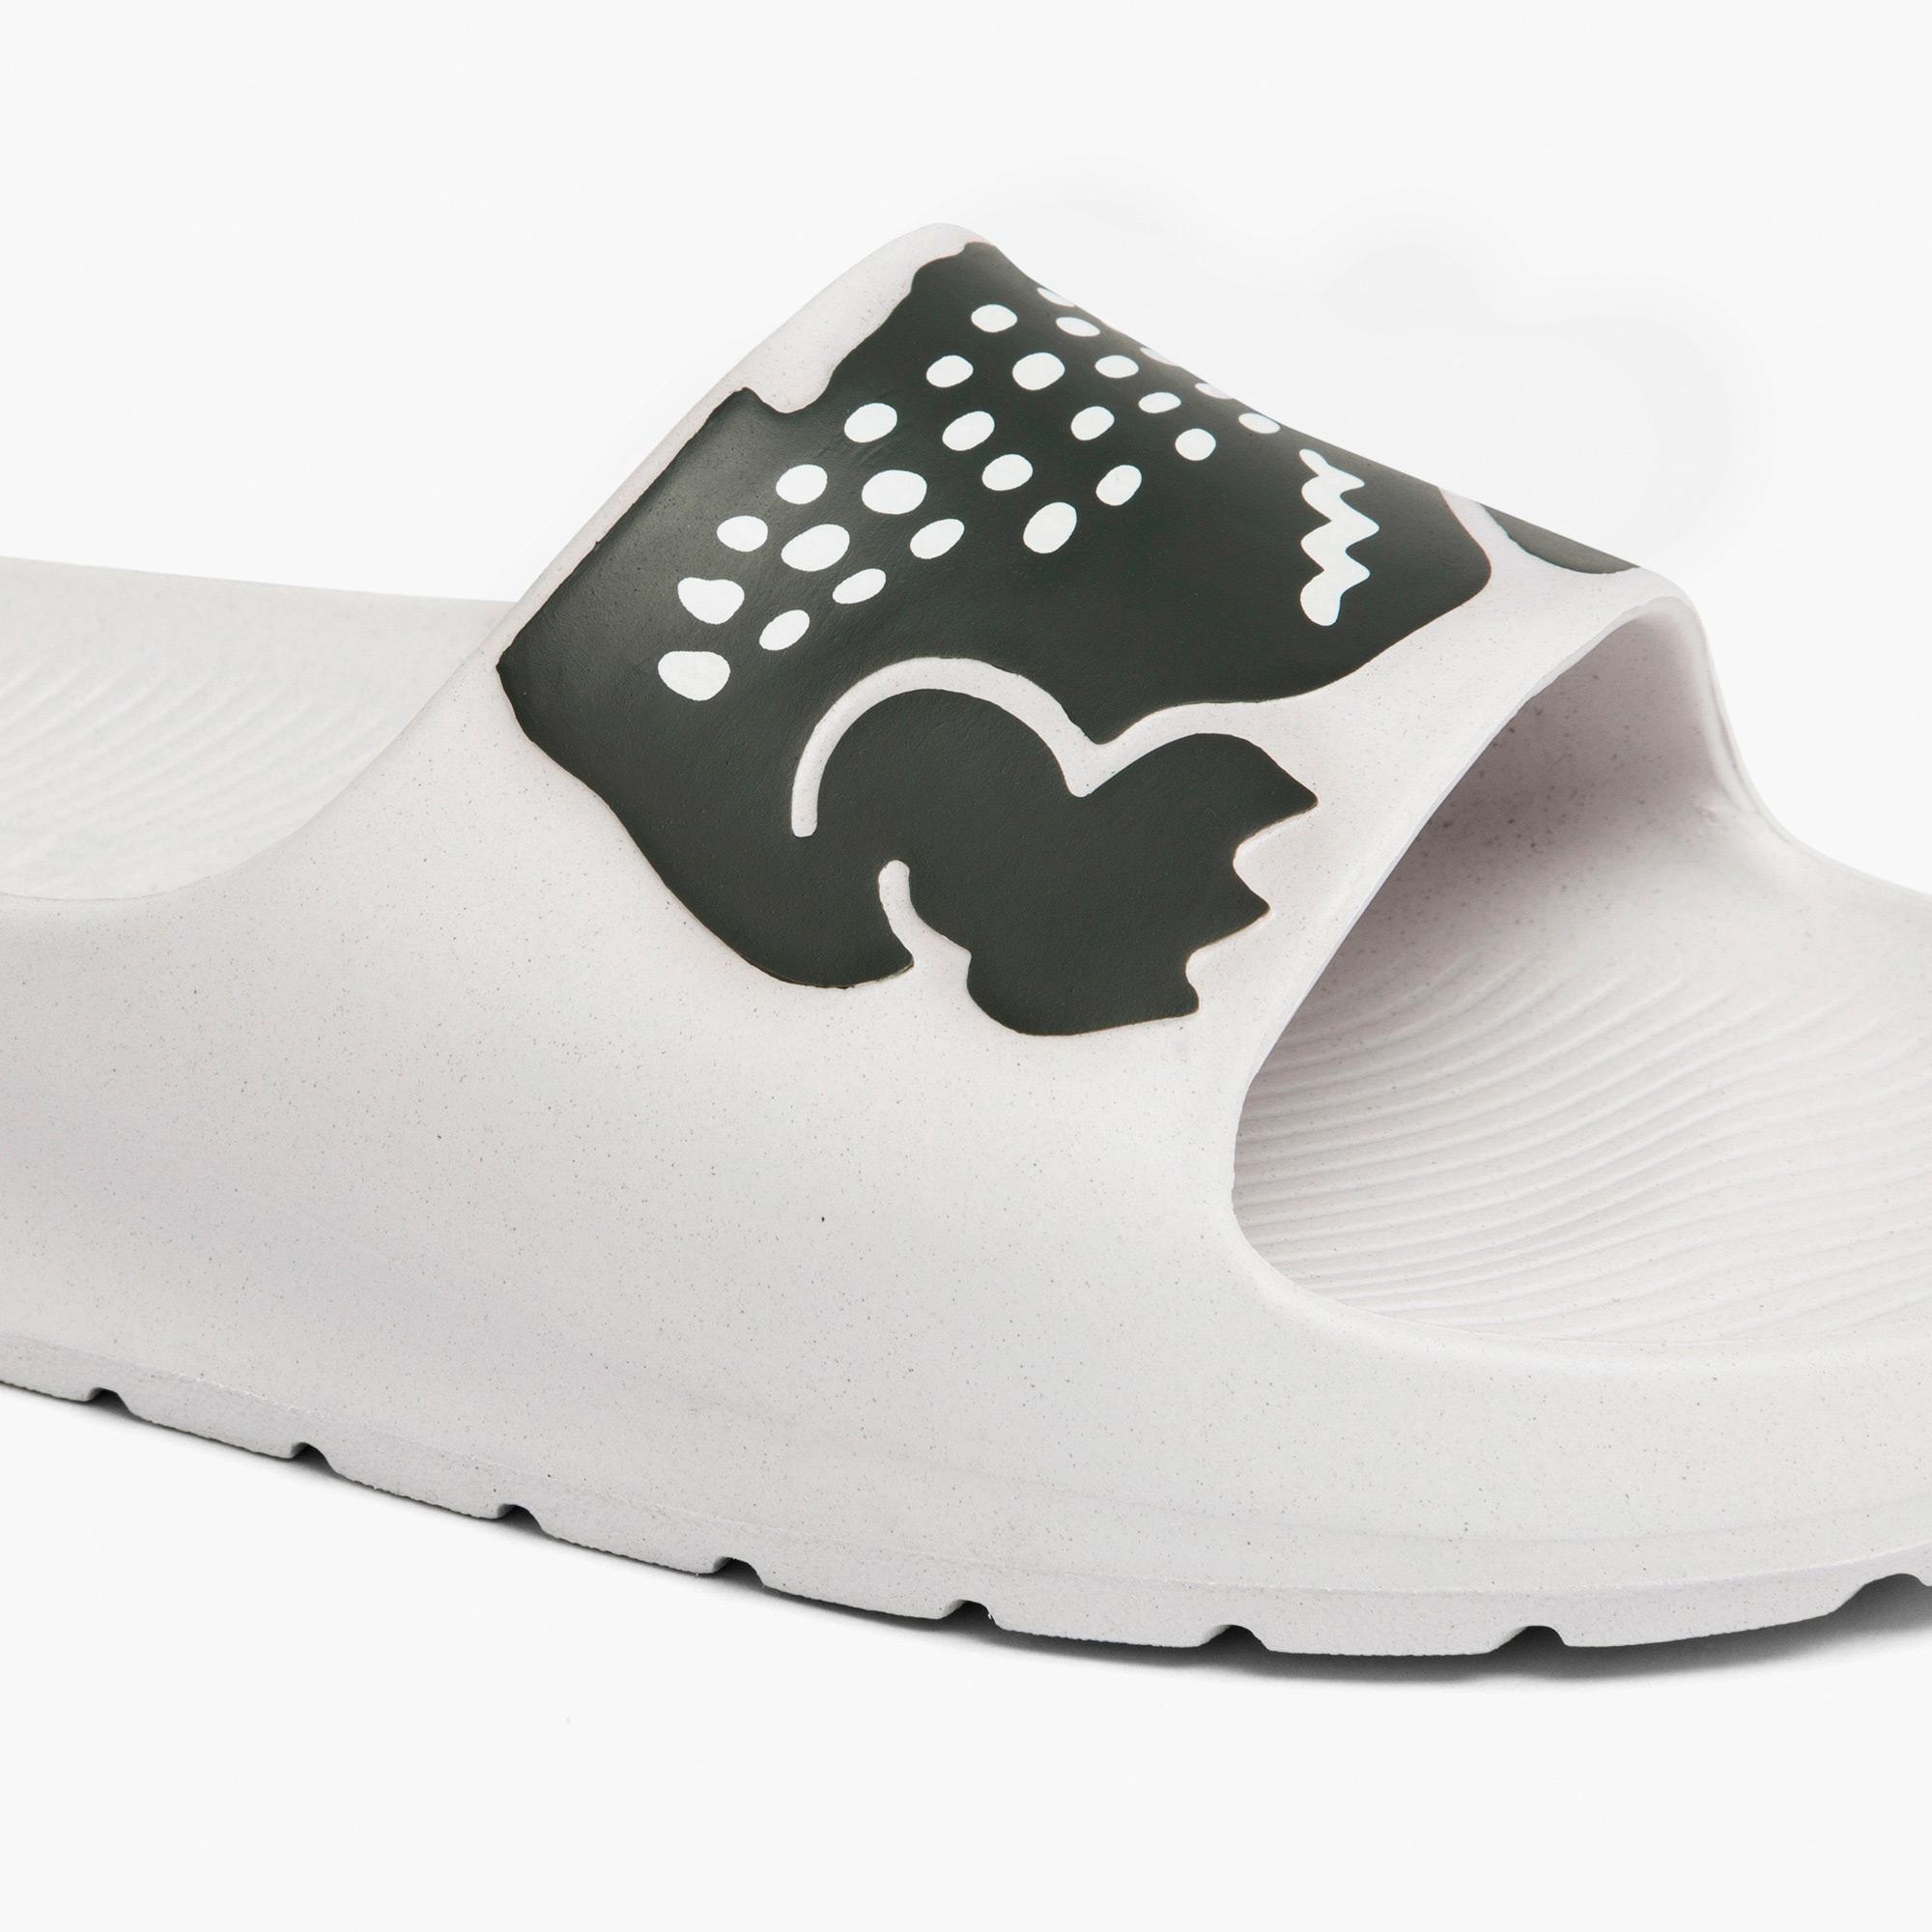 Lacoste Croco 2.0 0721 2 Cma Erkek Beyaz - Koyu Yeşil Terlik